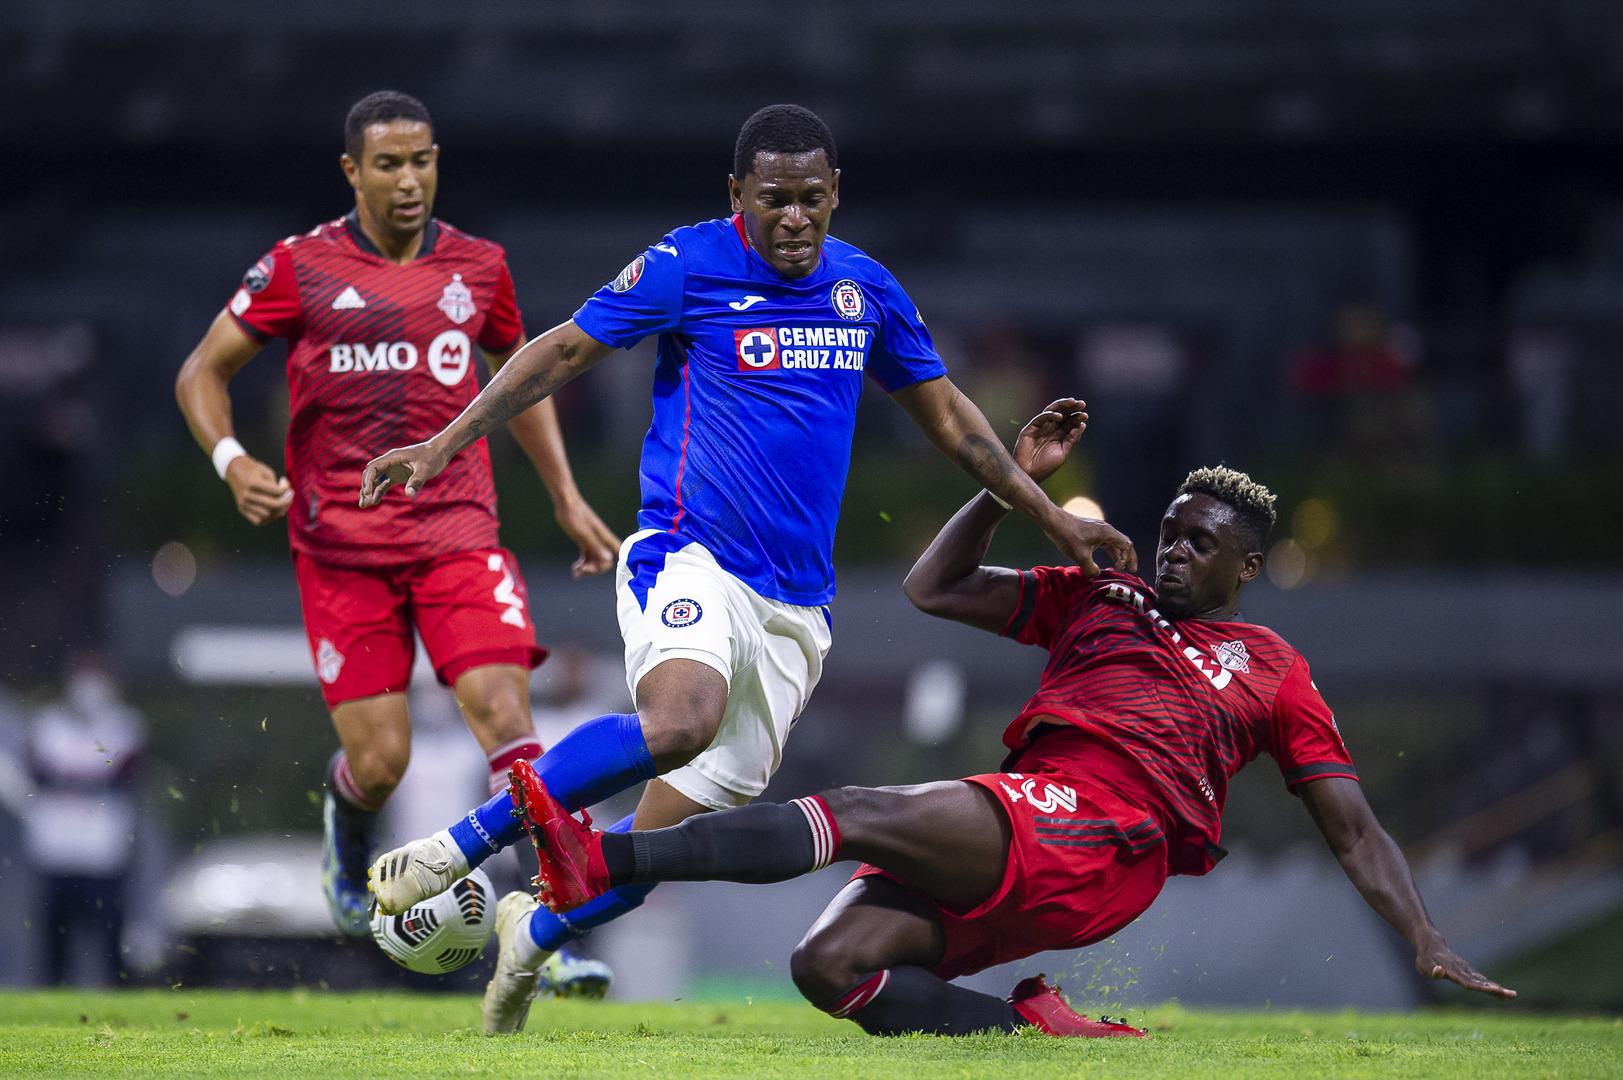 Cruz Azul gana la serie ante Toronto FC y se instala en semifinales de la Concachampions.